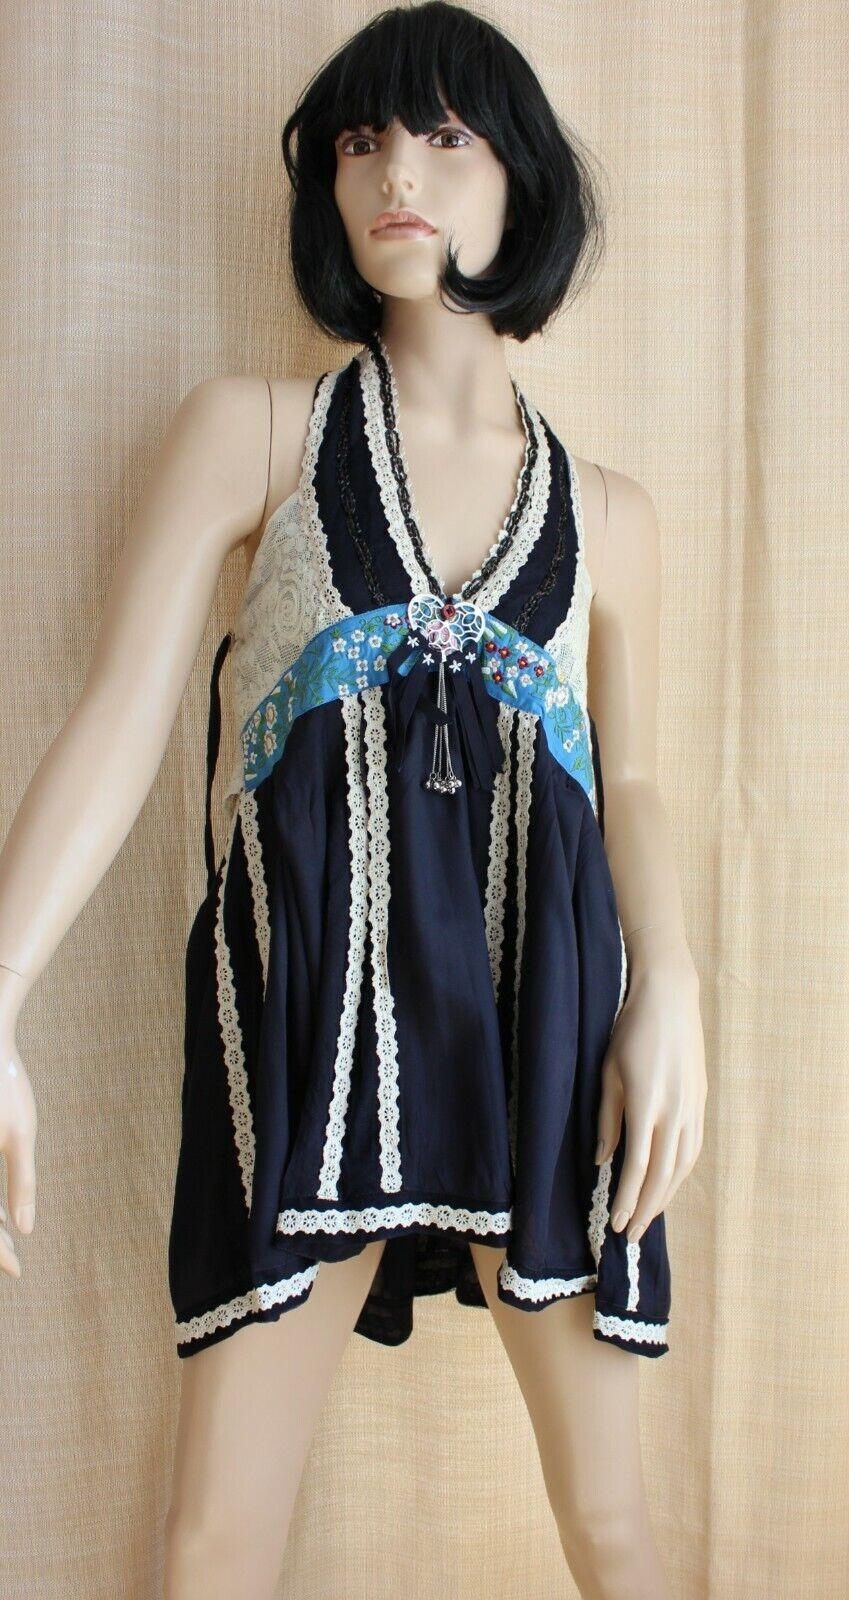 HIGH USE Sommer Kleid Top Halter Gr. 36 38 40  Ausgefallen Luxus